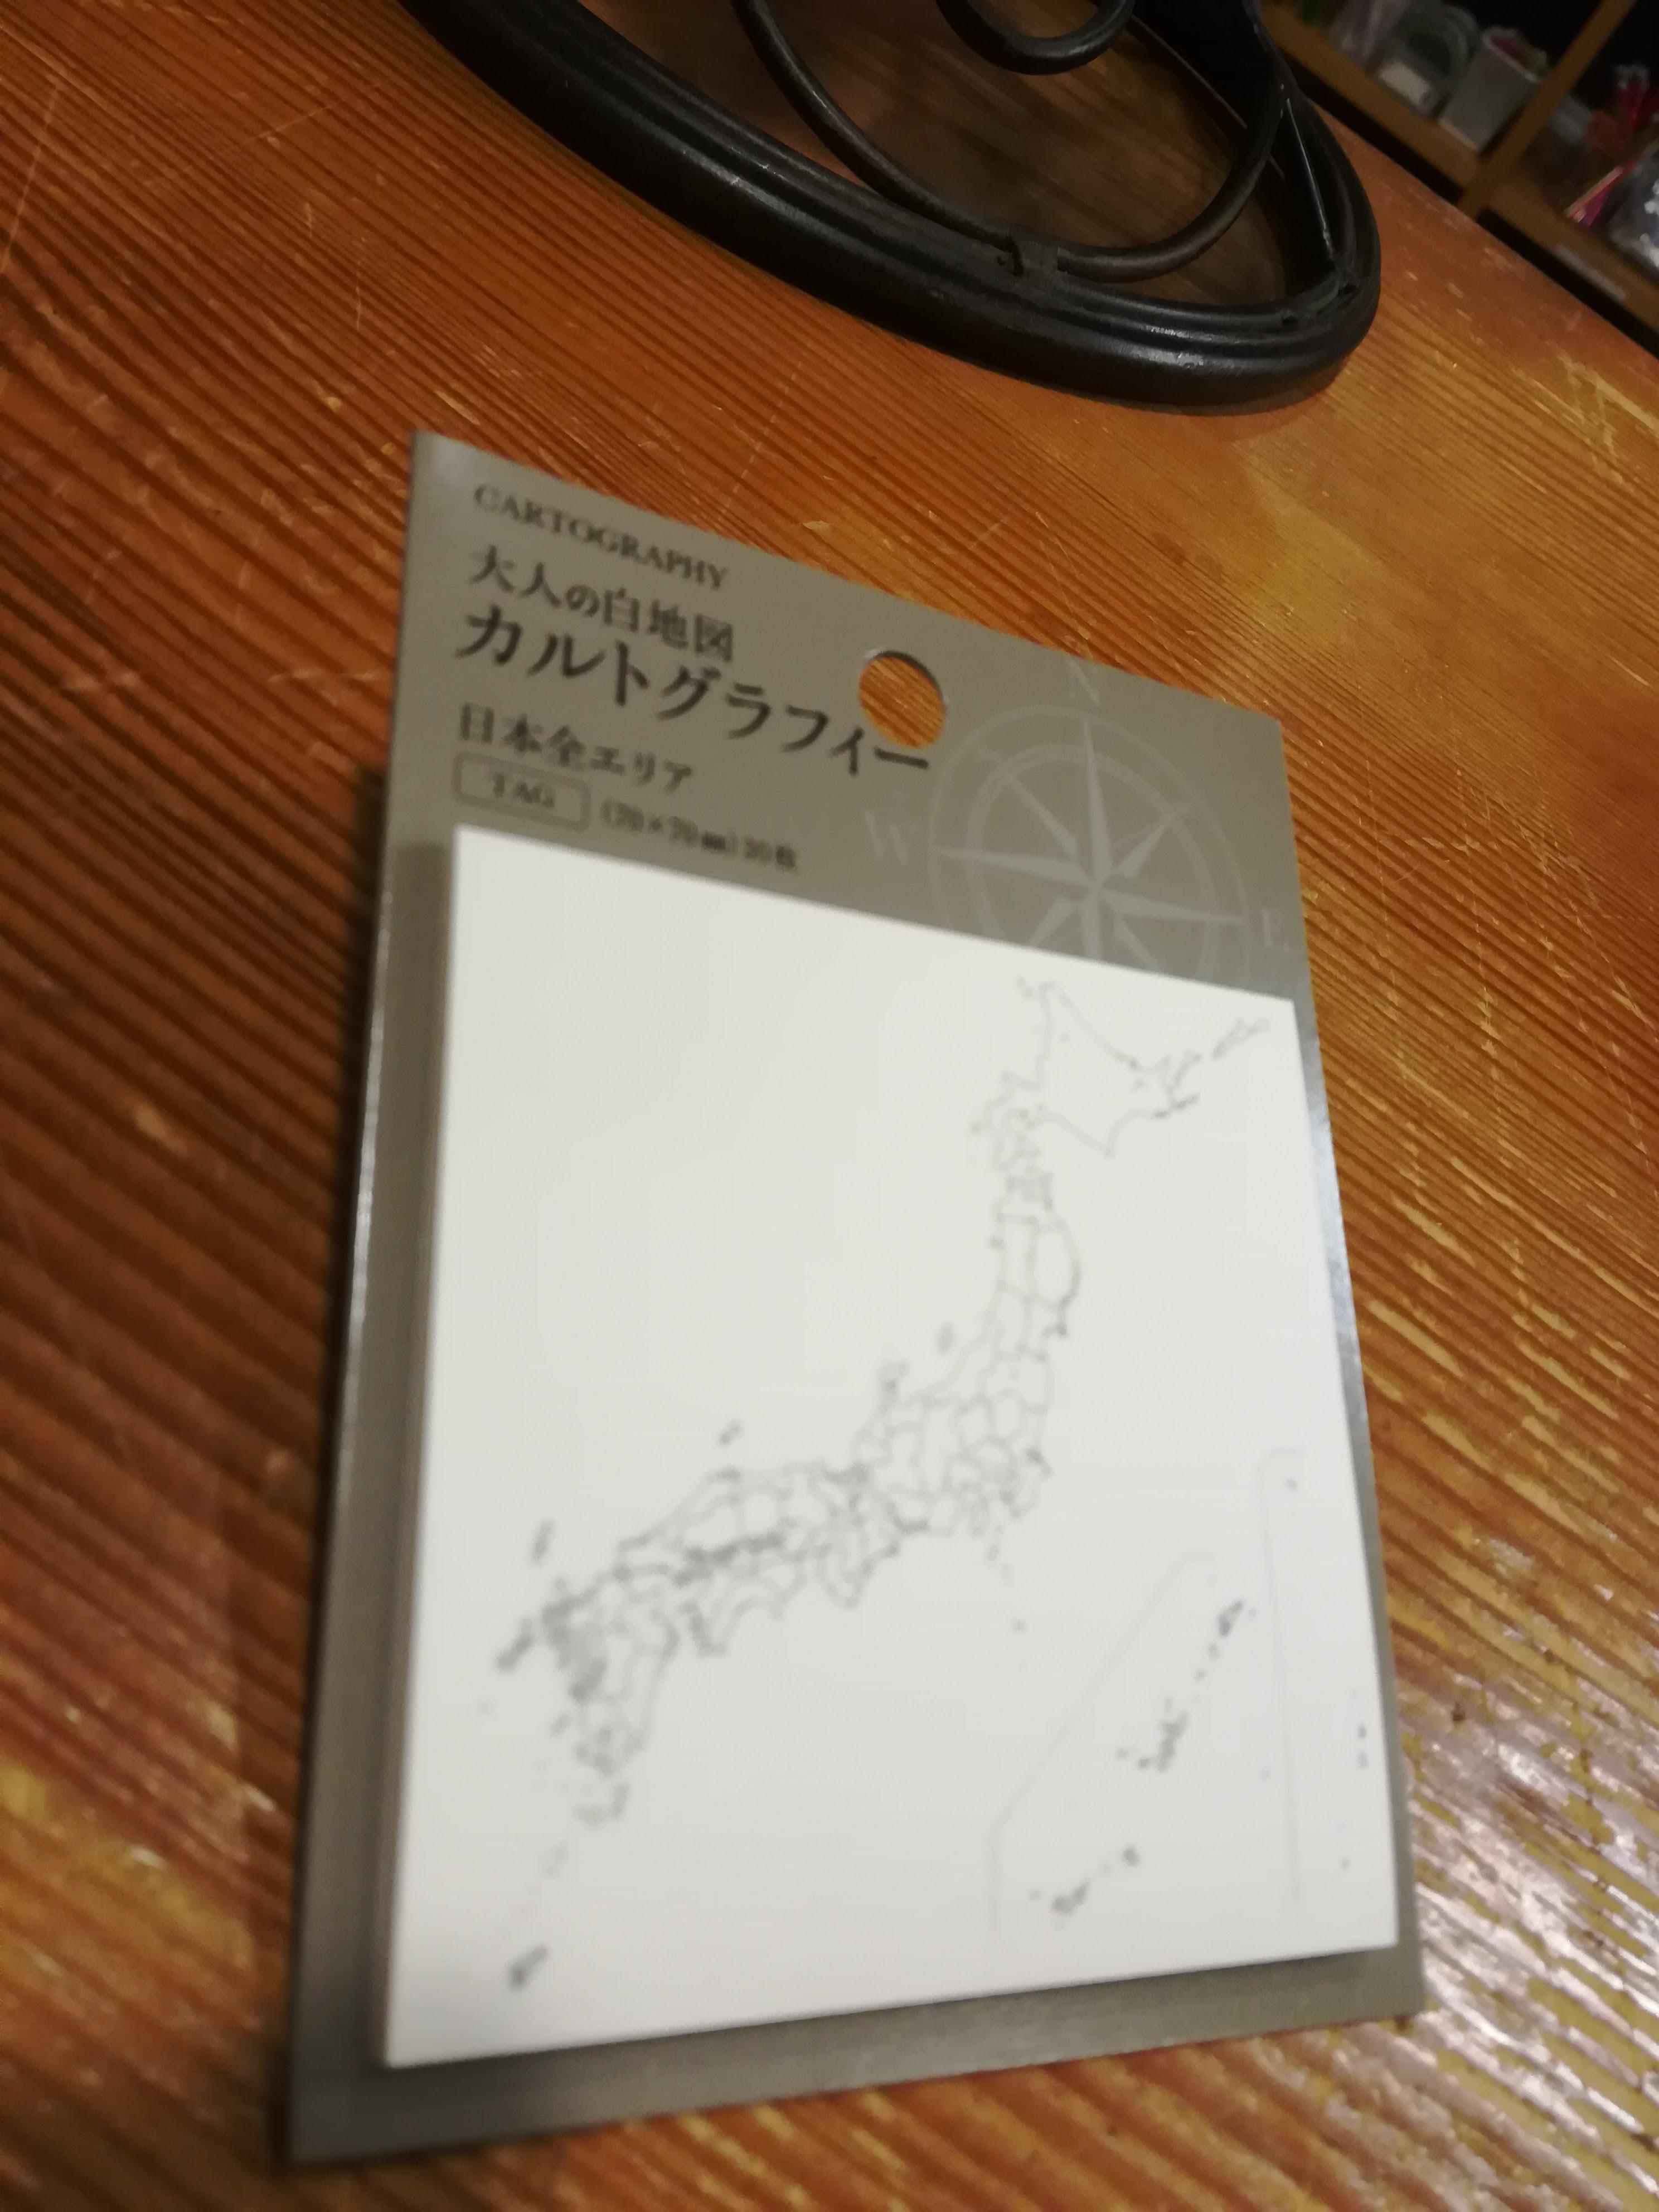 【フライトログやお土産にピタッと】大人の白地図カルトグラフィー